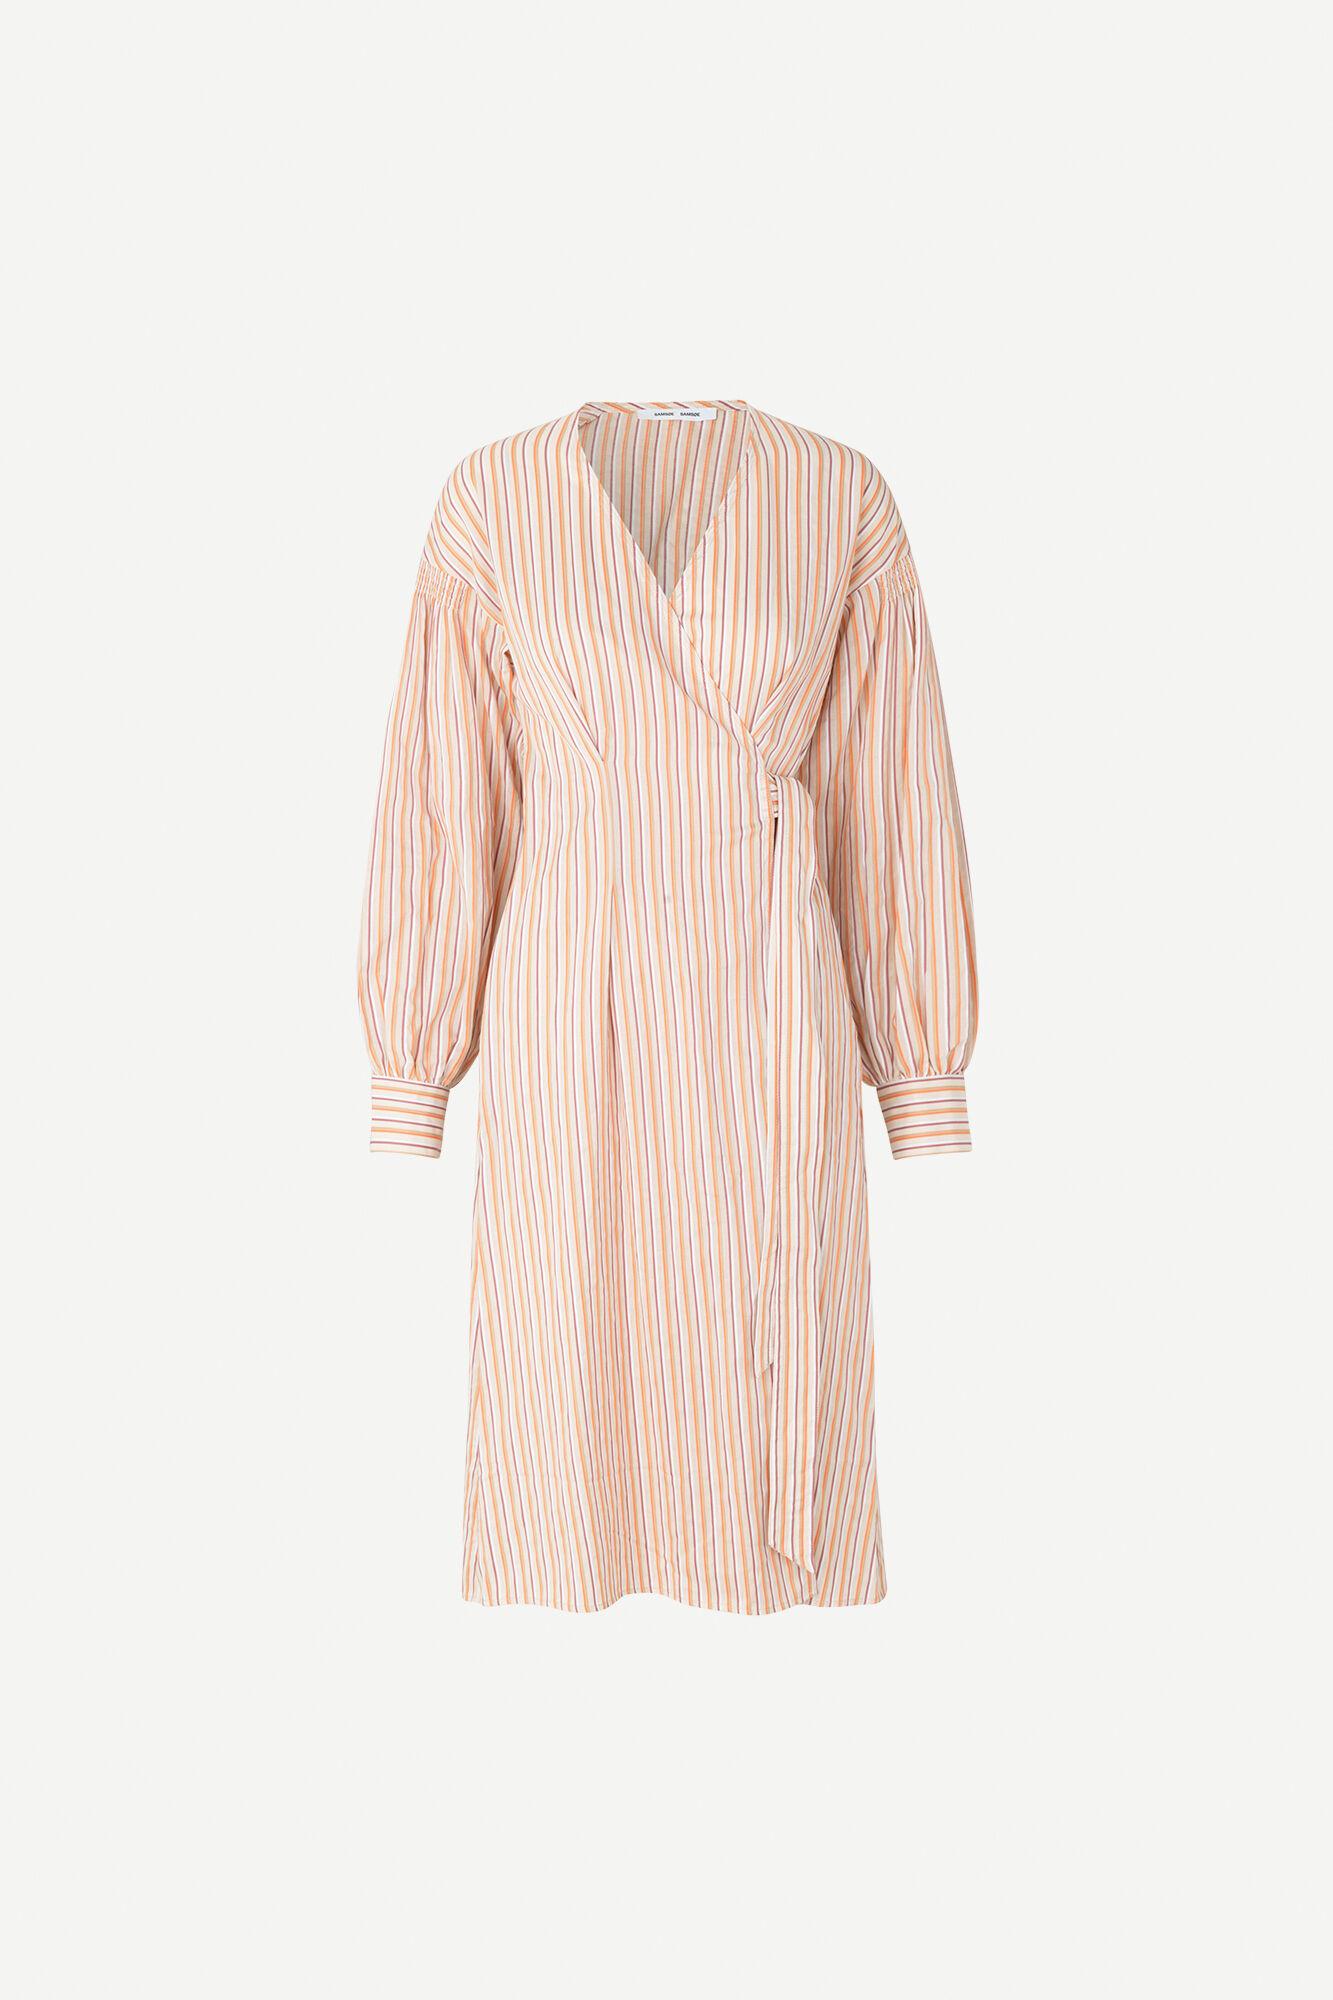 Merrill dress 11458